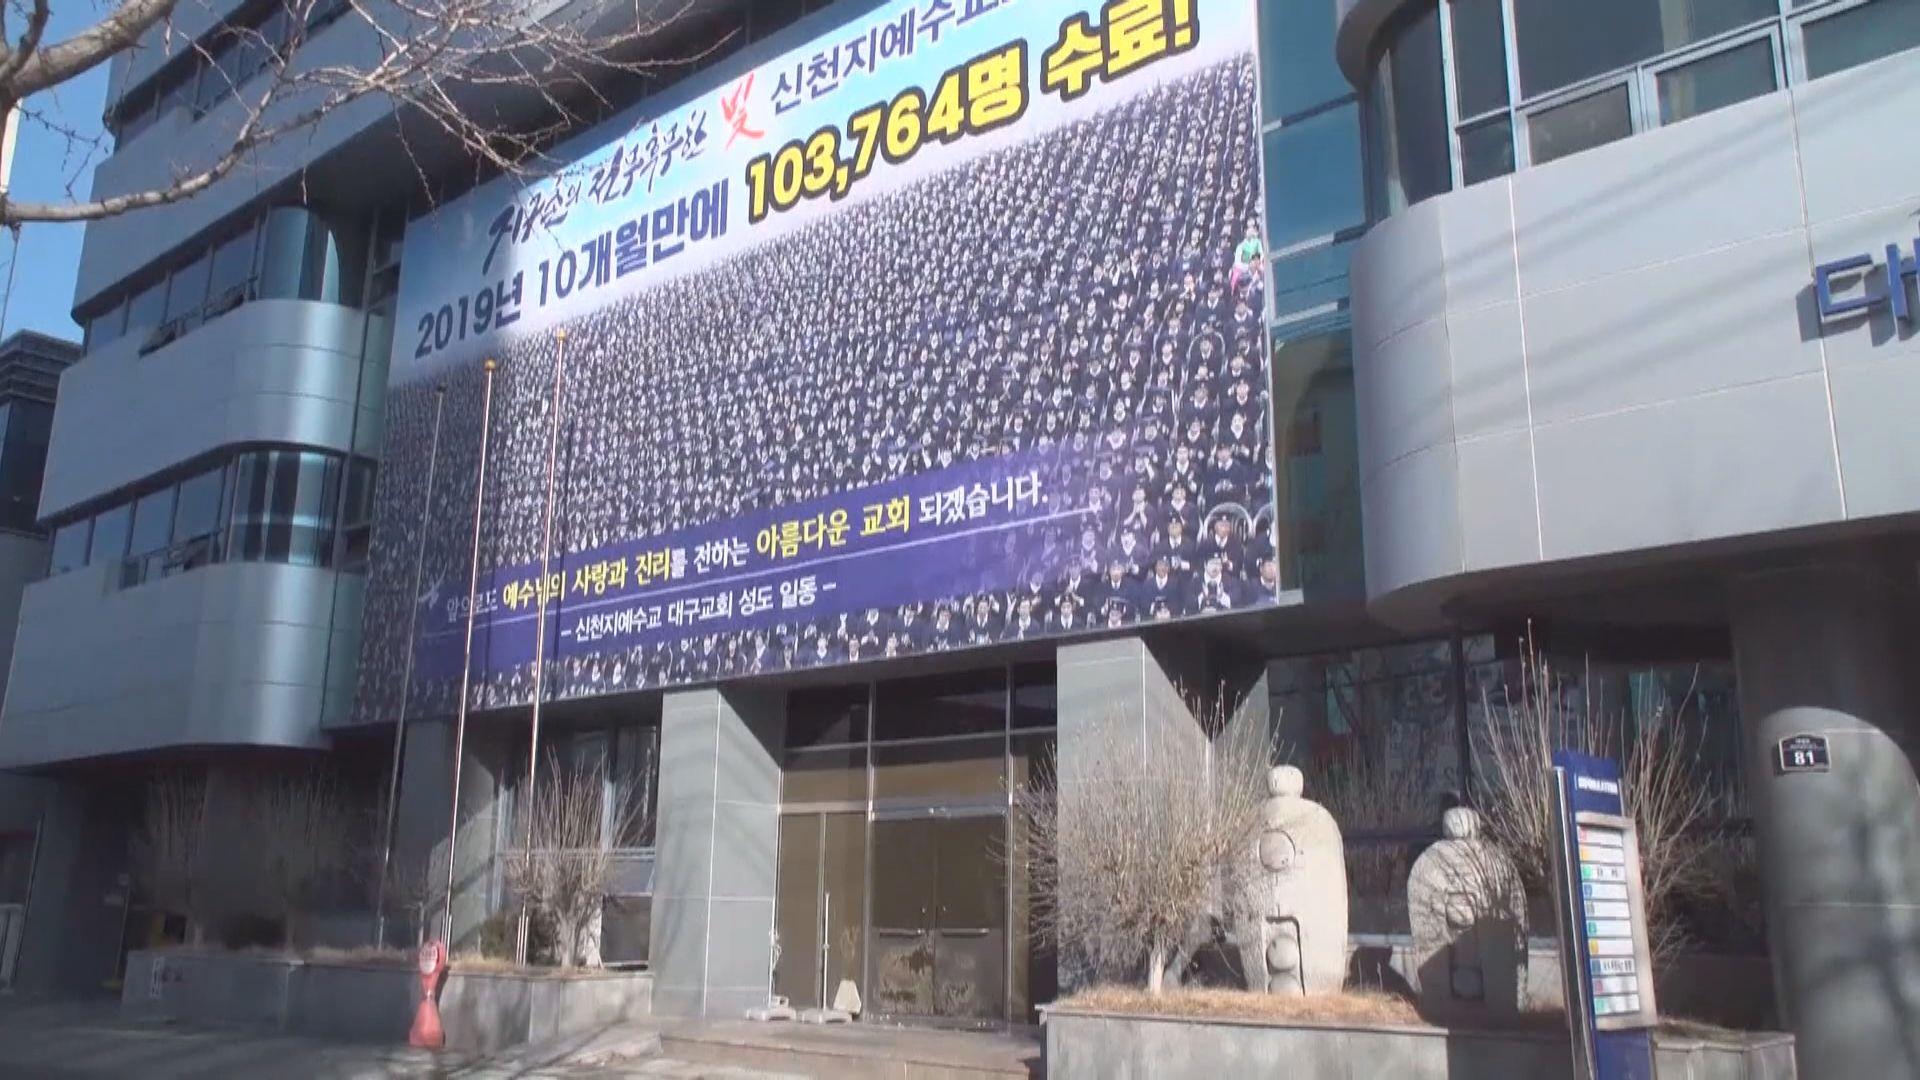 【暫有763宗】南韓六成確診個案涉大邱市新天地教會